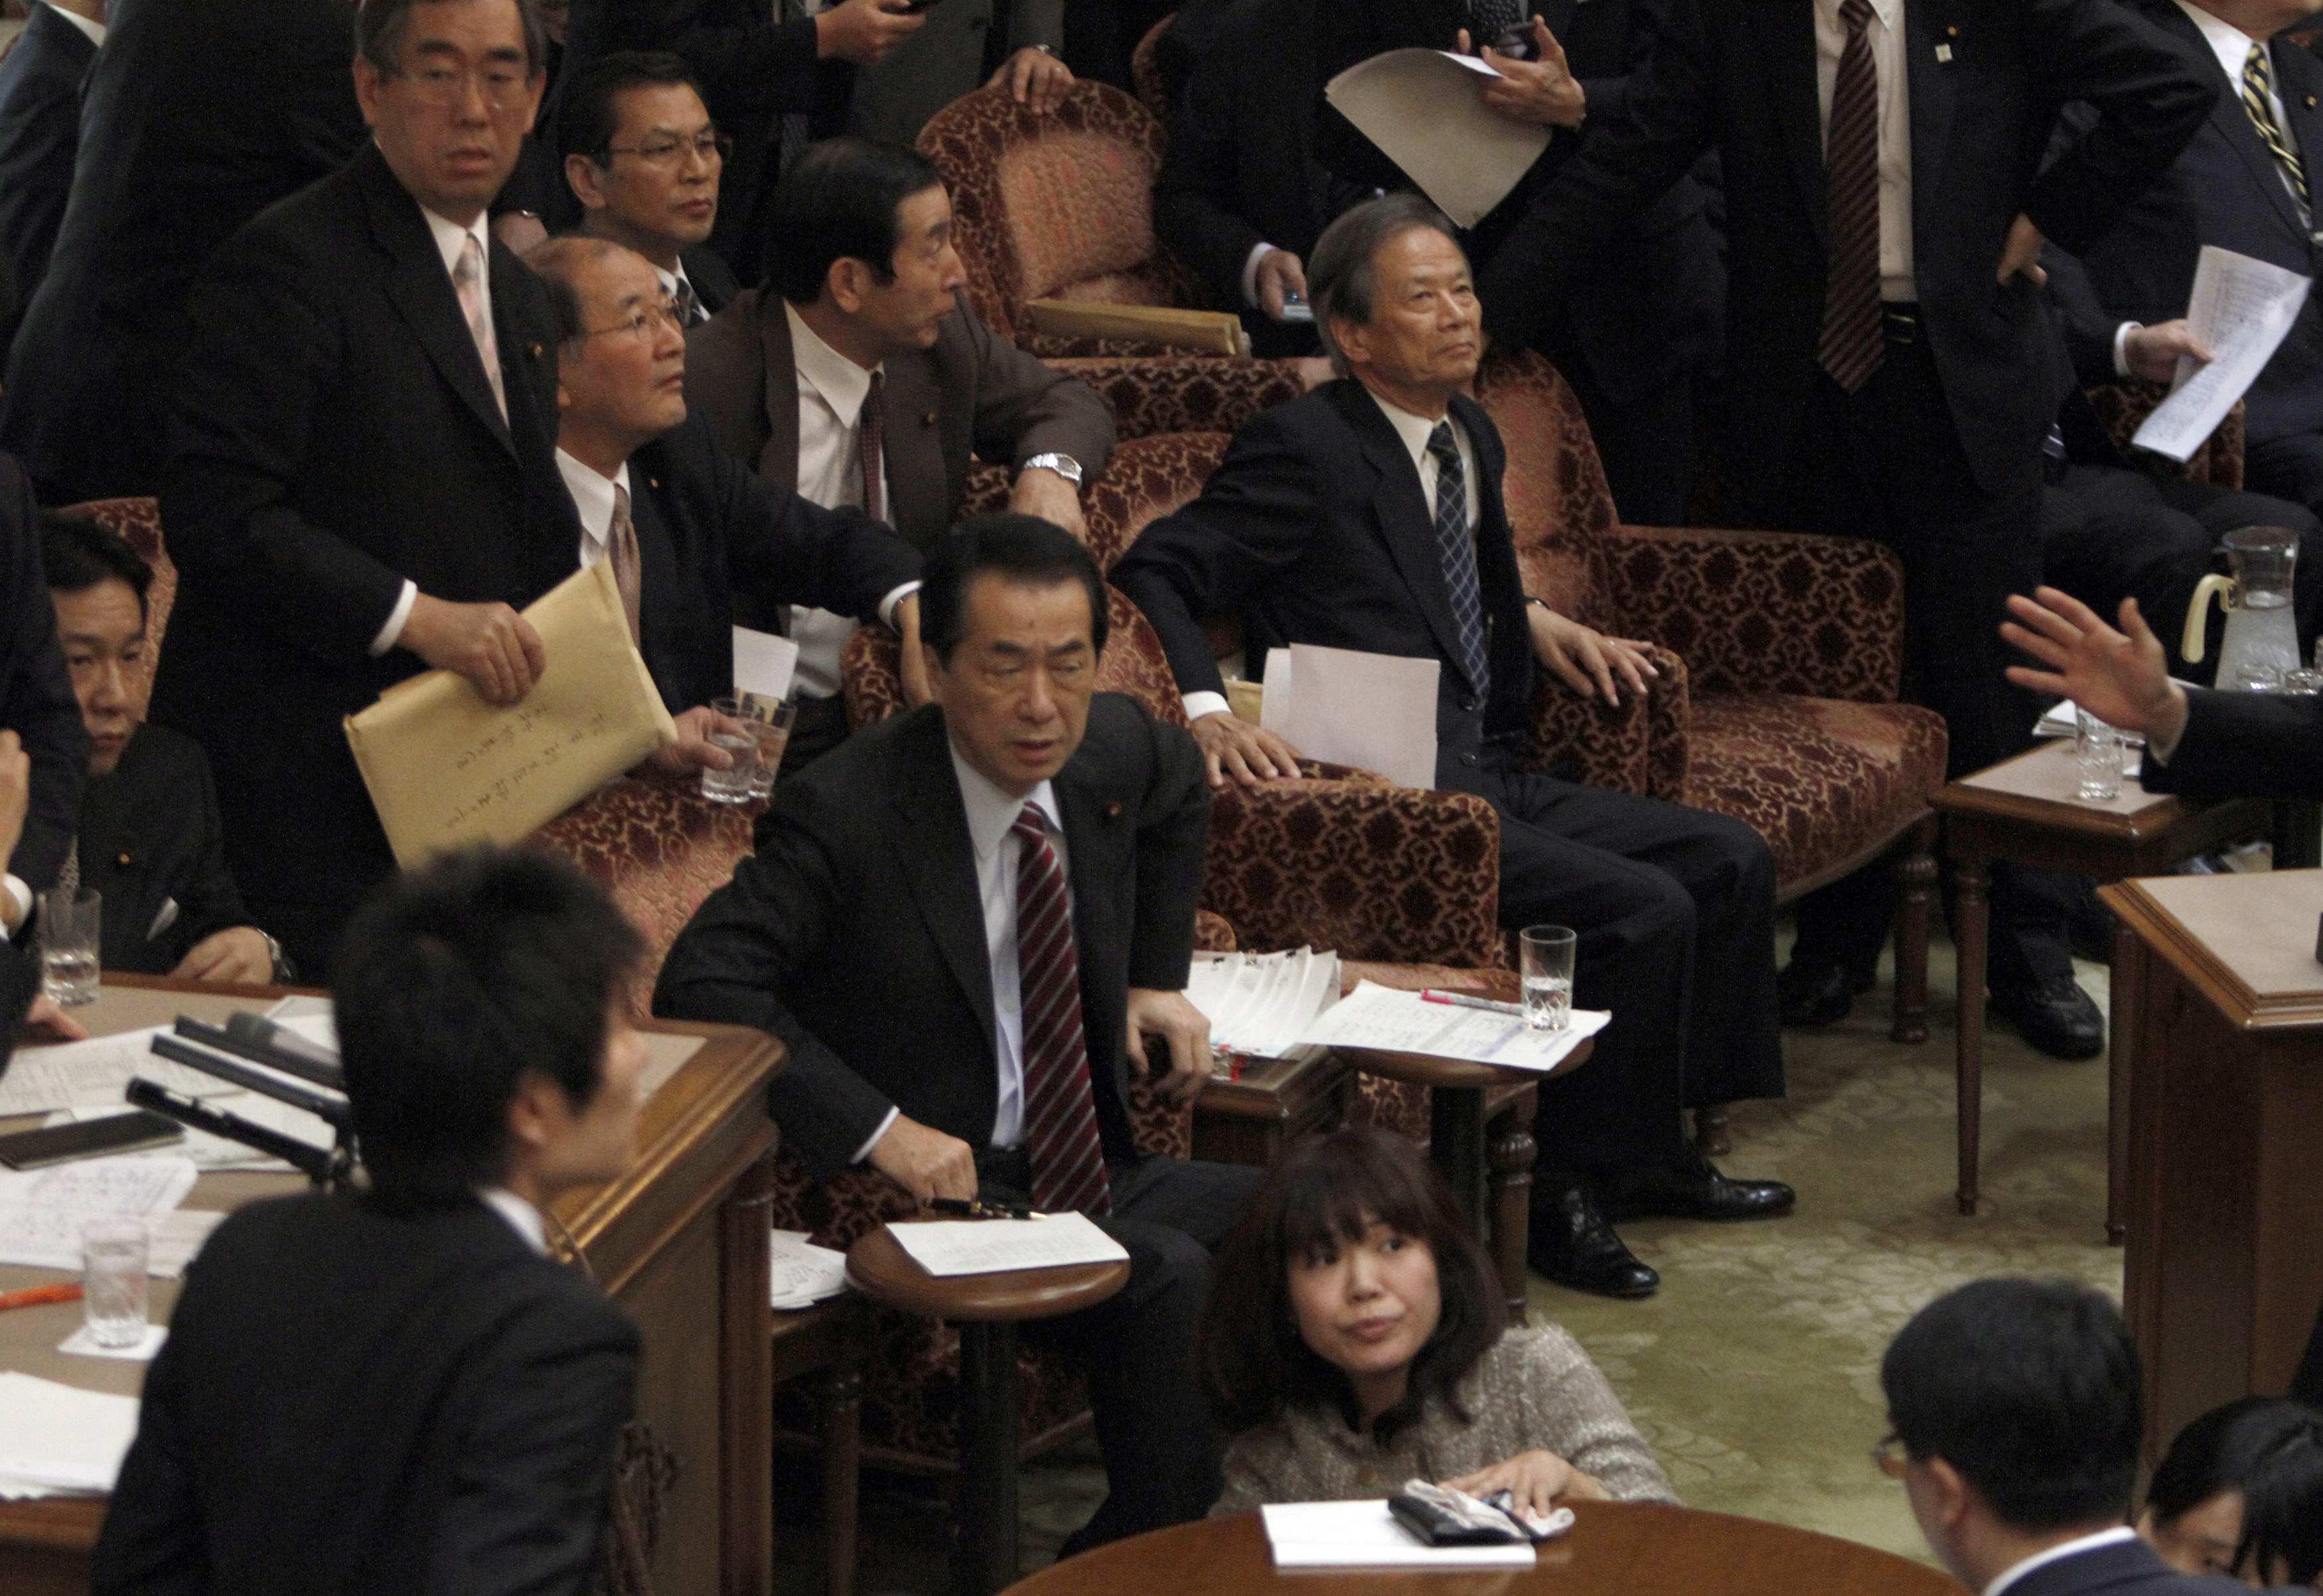 Ο πρωθυπουργος της Ιαπωνίας Ναότο Καν τρομαγμένος την ώρα του σεισμού. ΦΩΤΟ REUTERS